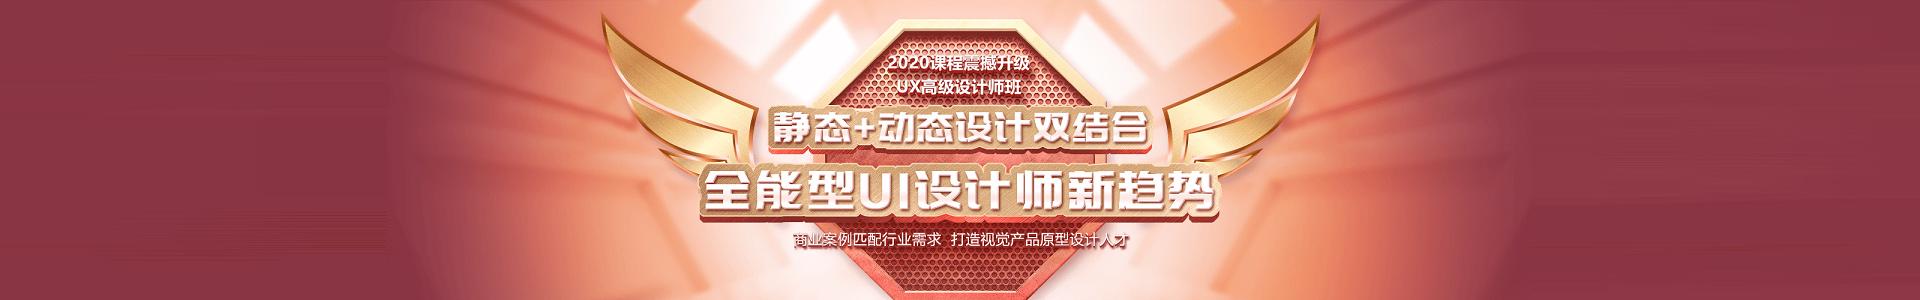 上海火星時代UI設計培訓學校